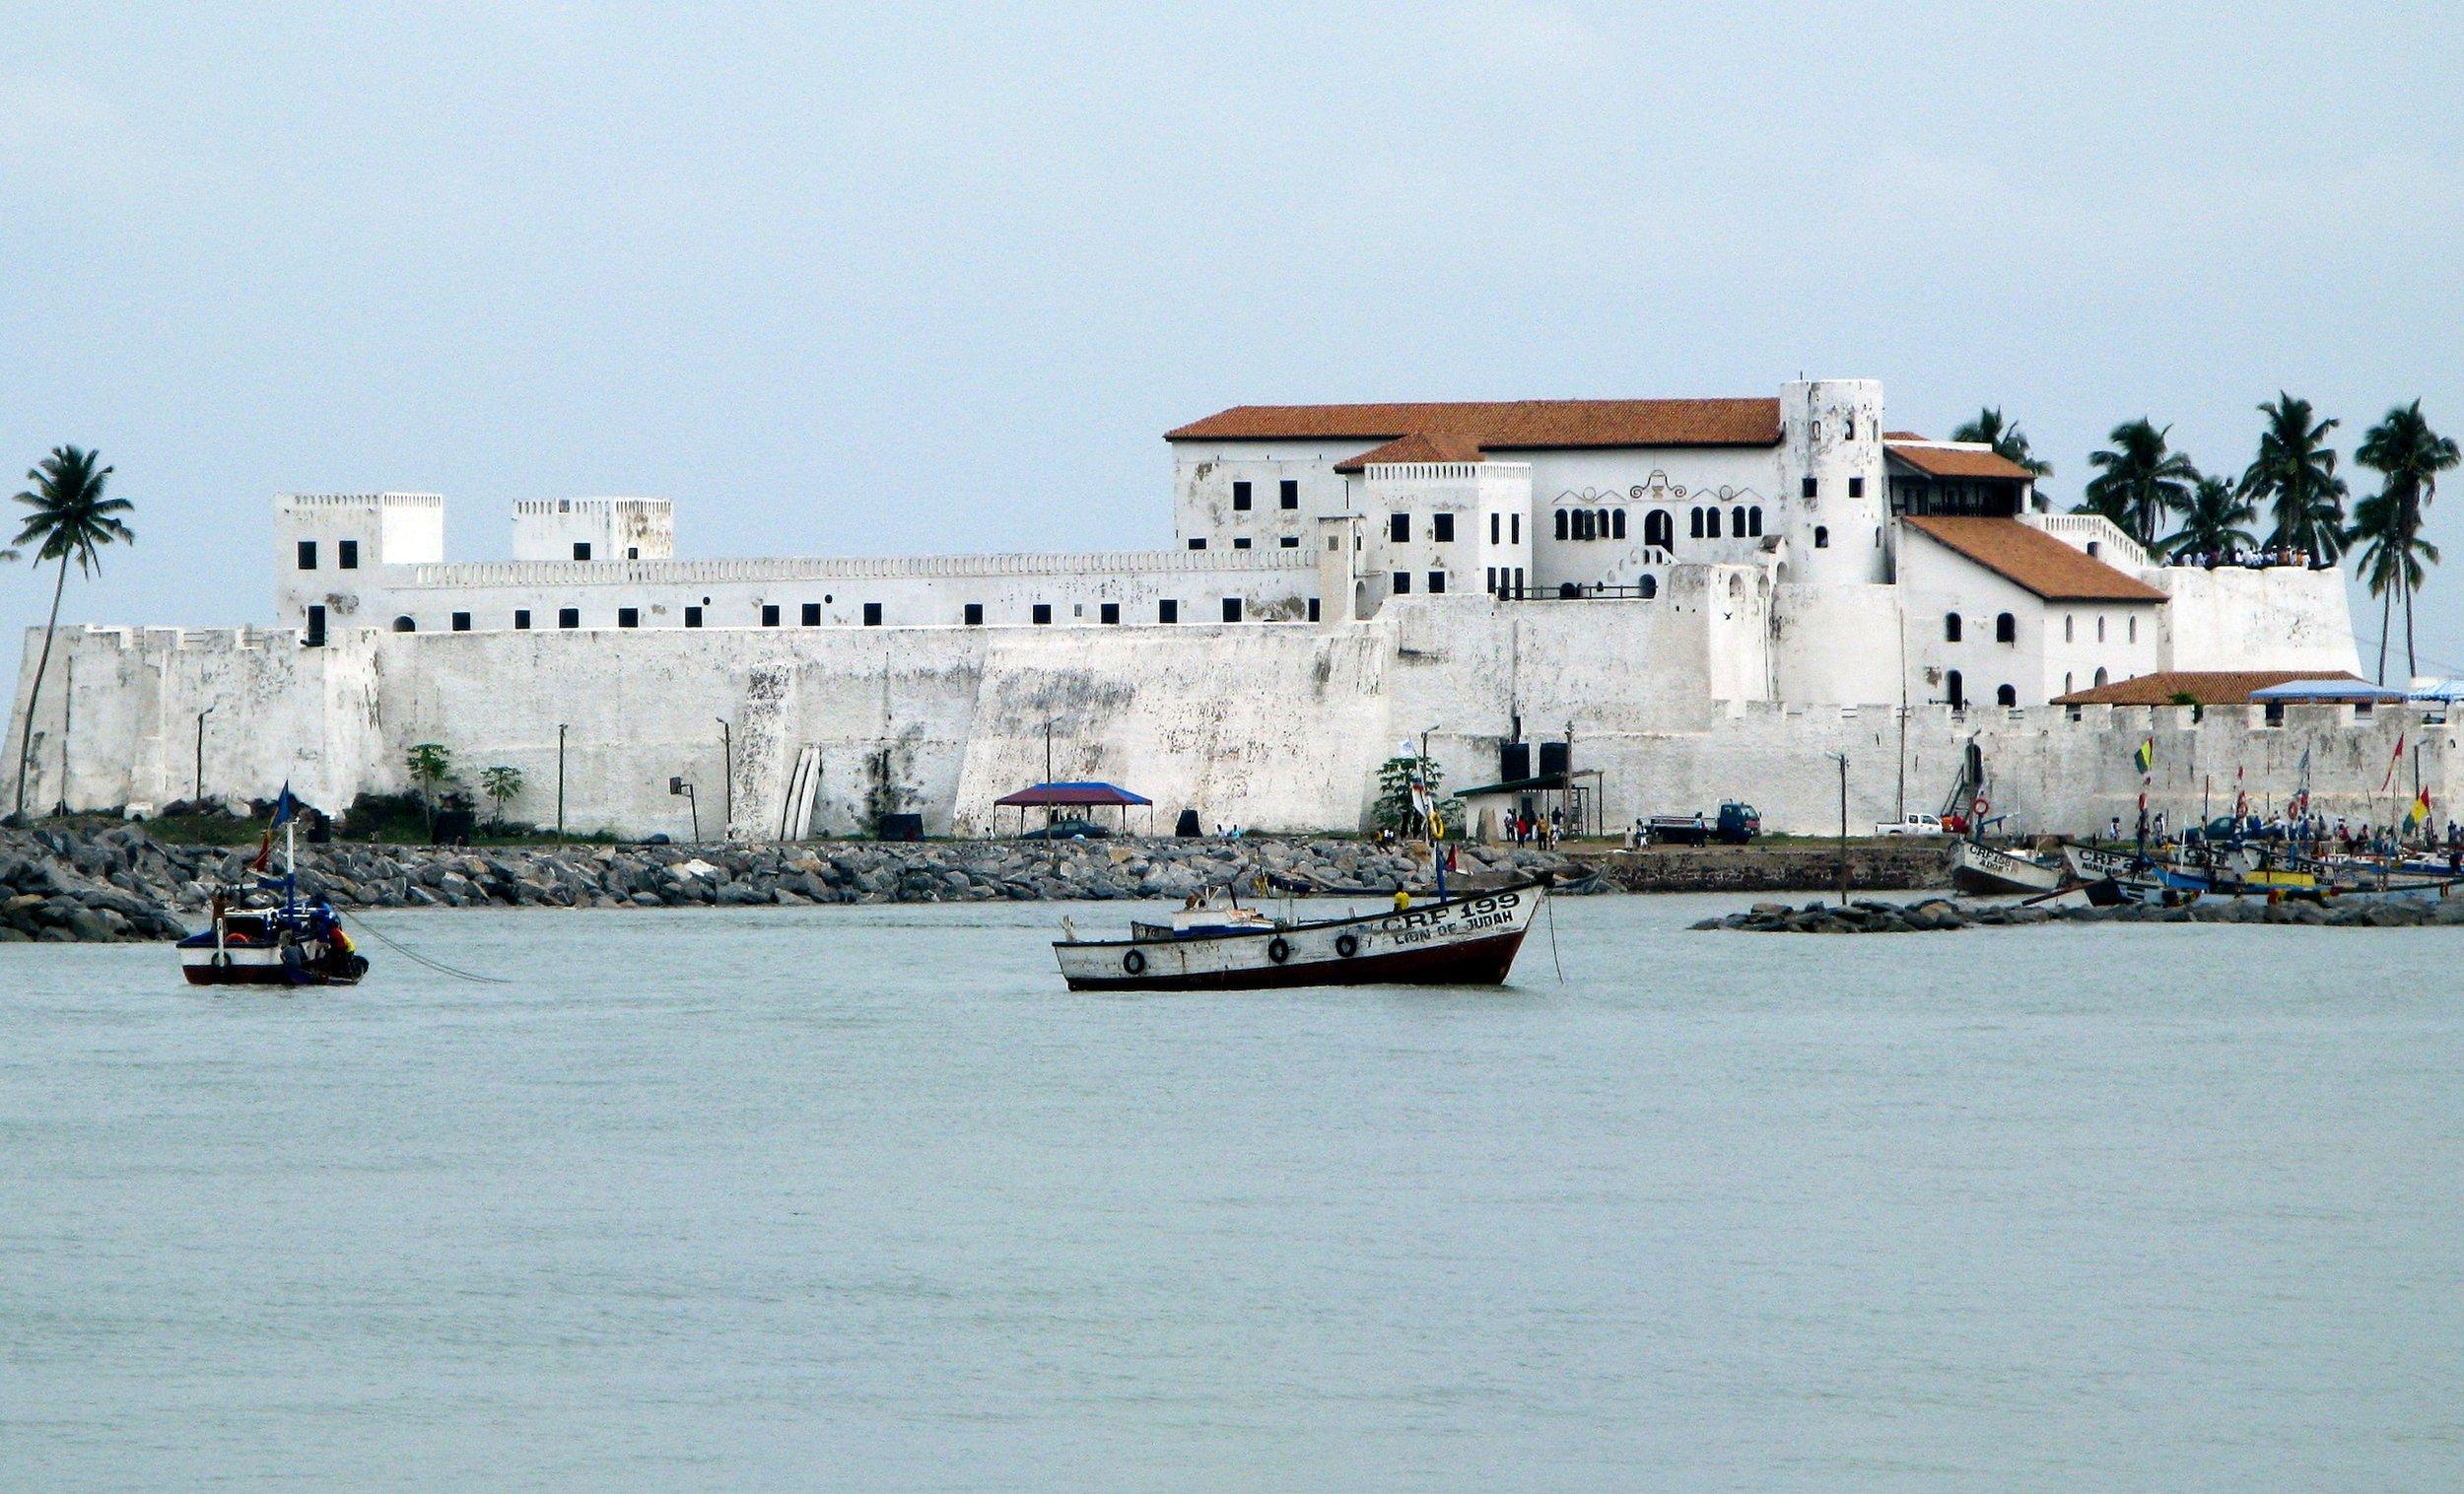 elmina-castle-in-ghana-7450544-min.jpg